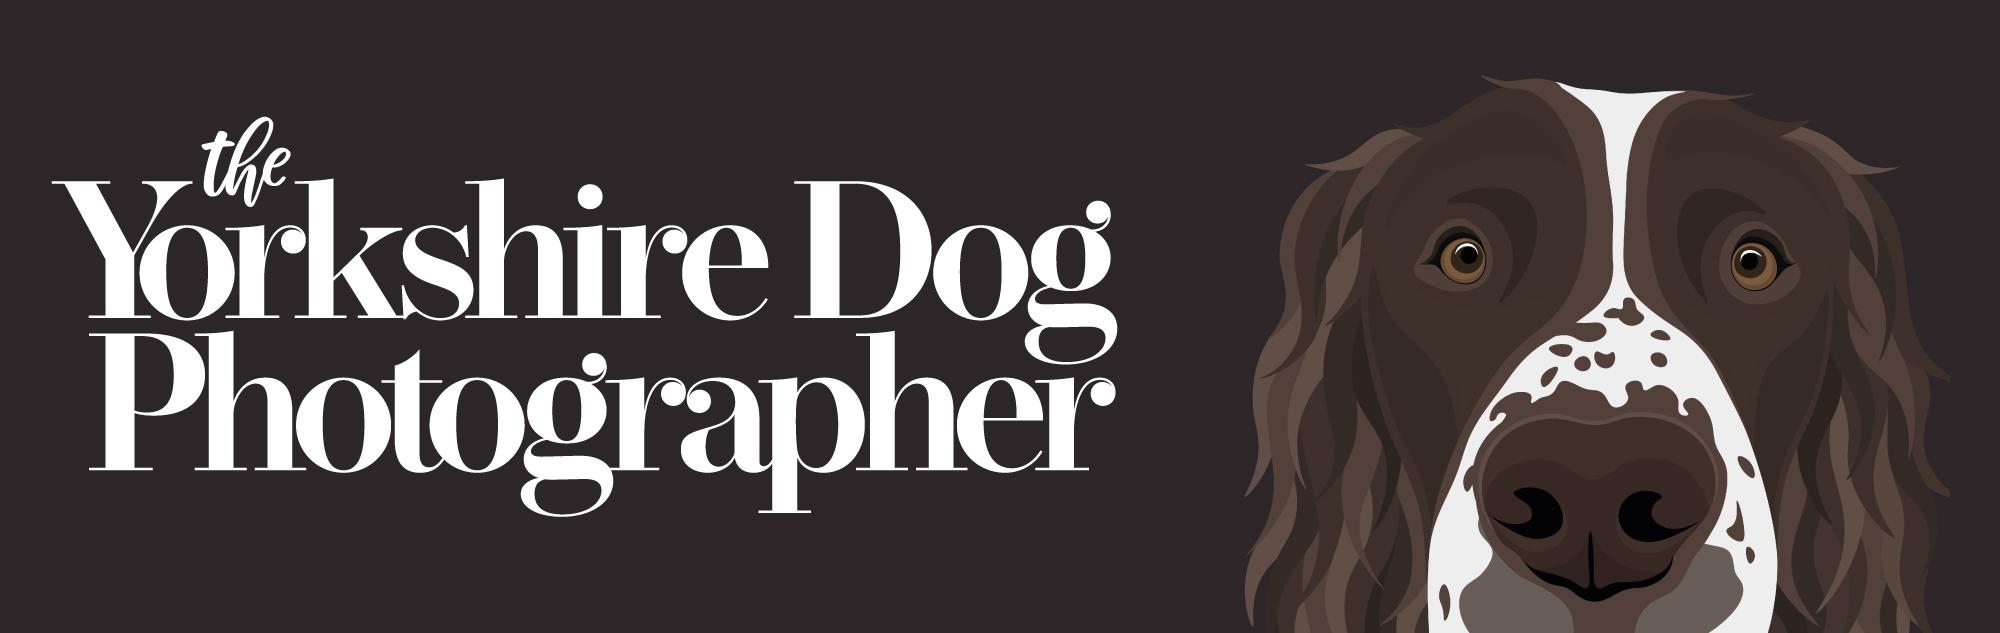 The Yorkshire Dog Photographer Image